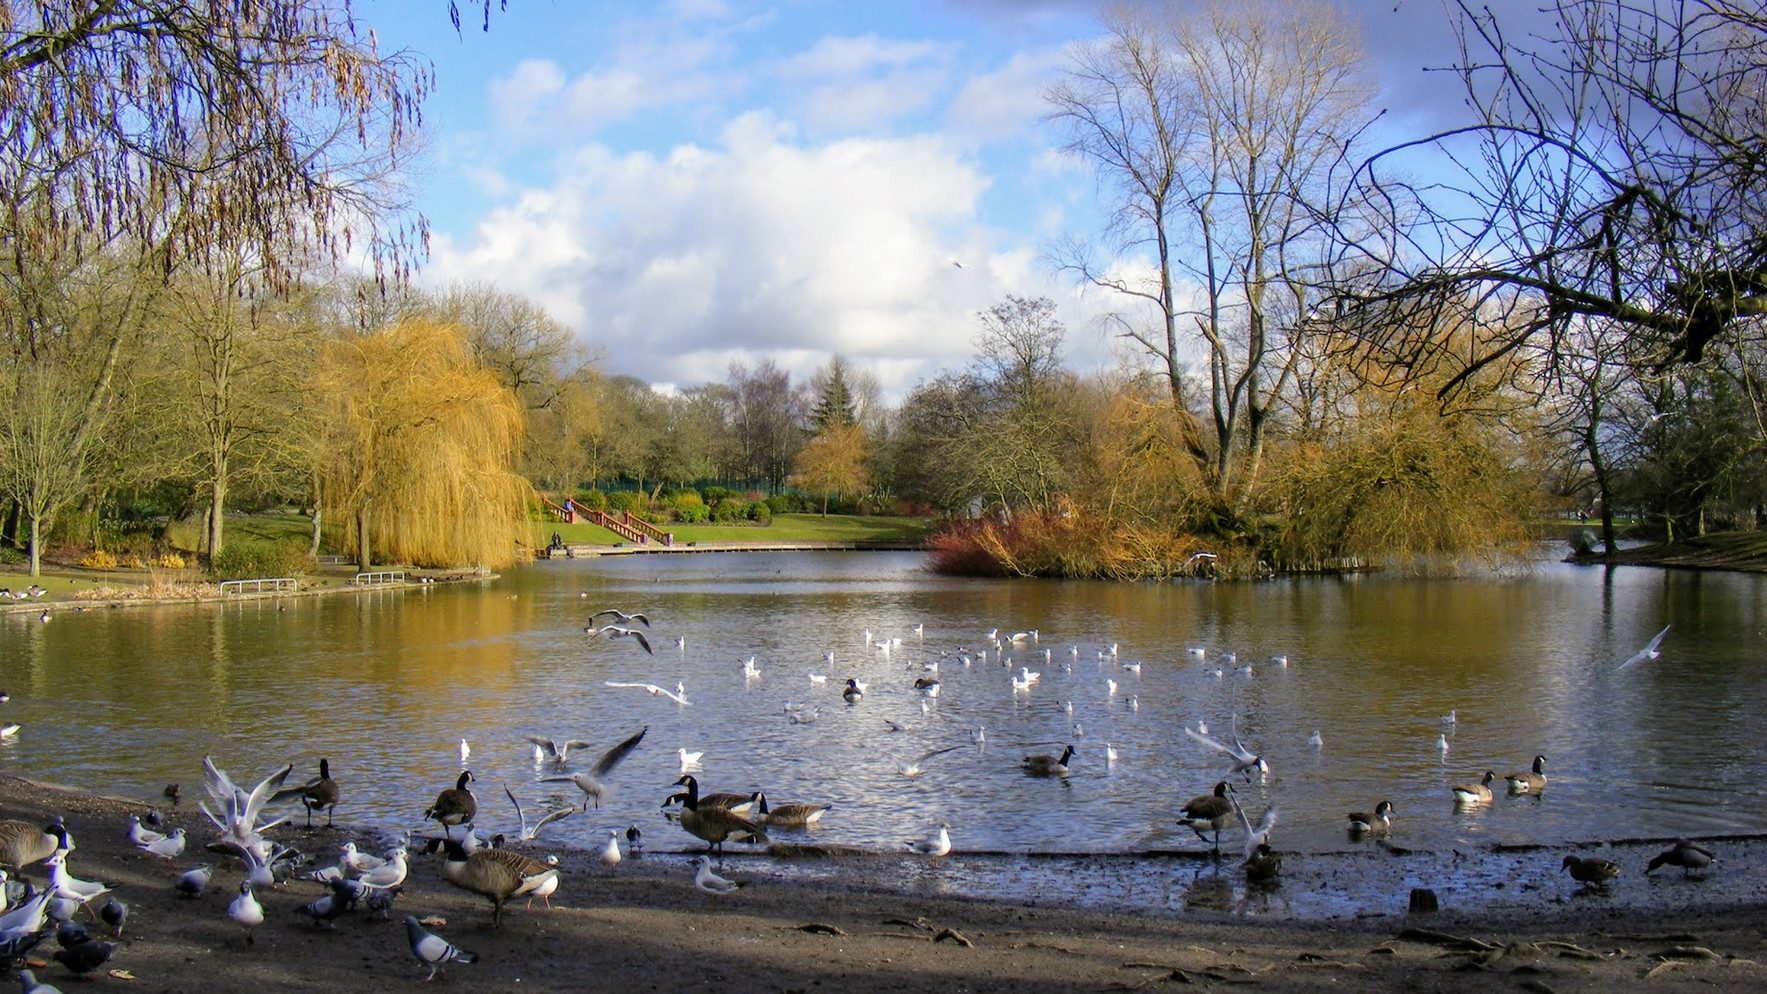 Hanley Park, Stoke-on-Trent